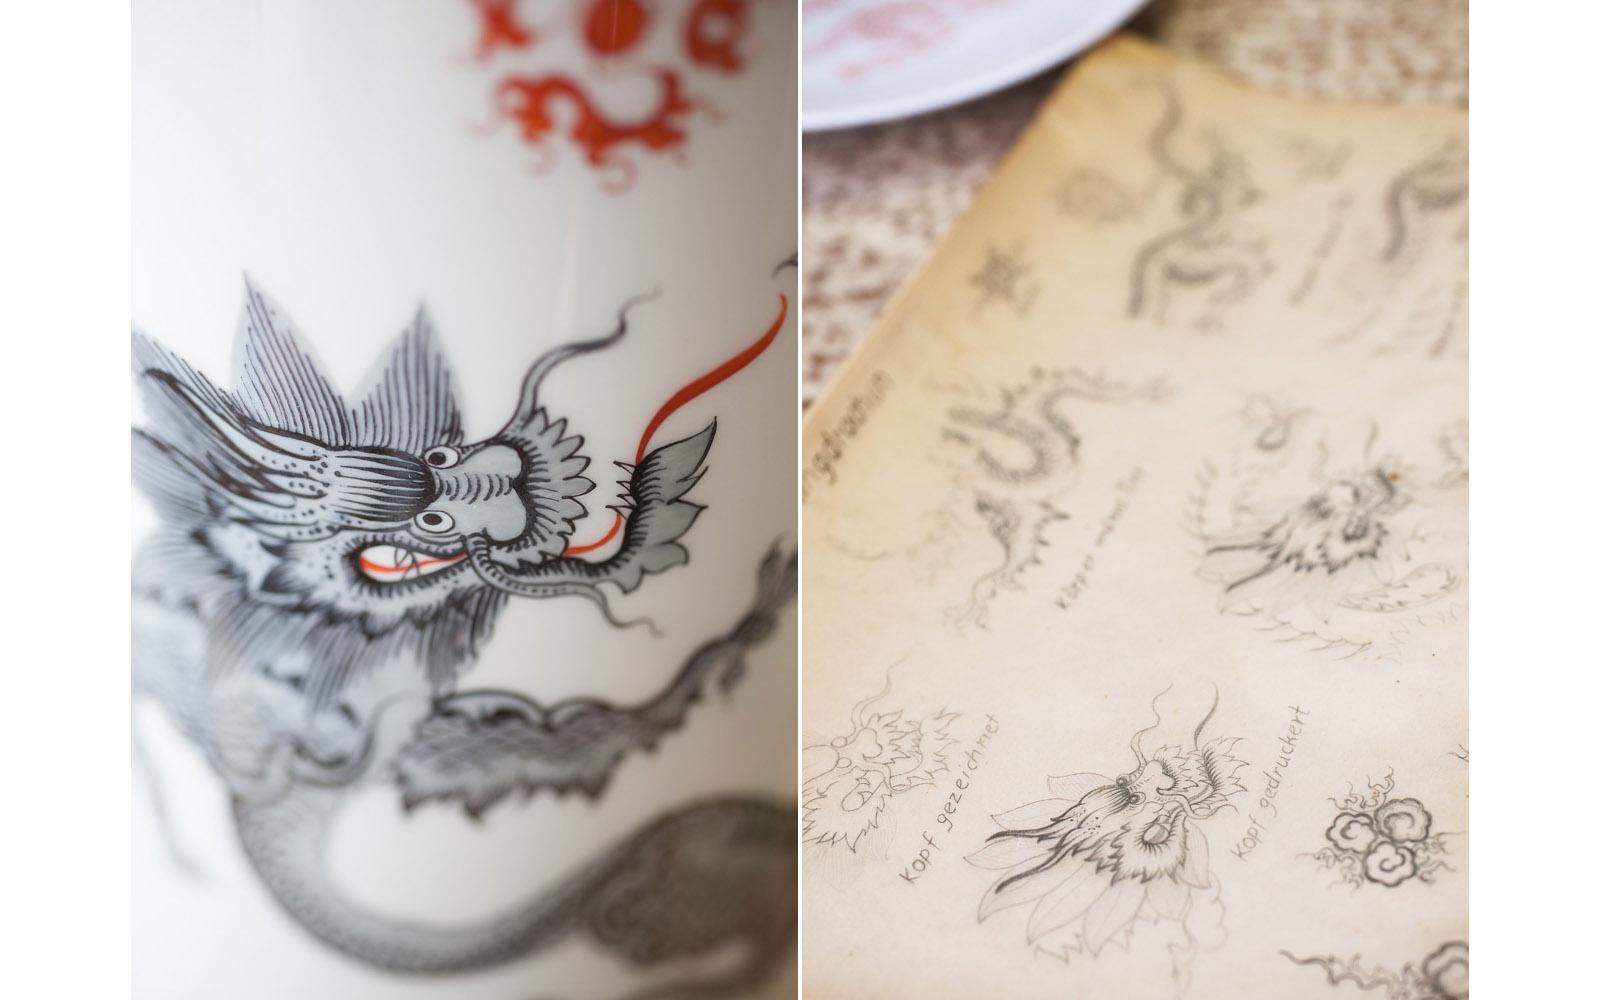 Ming Drache auf einer Vase, Skizzen der Porzellanmaler